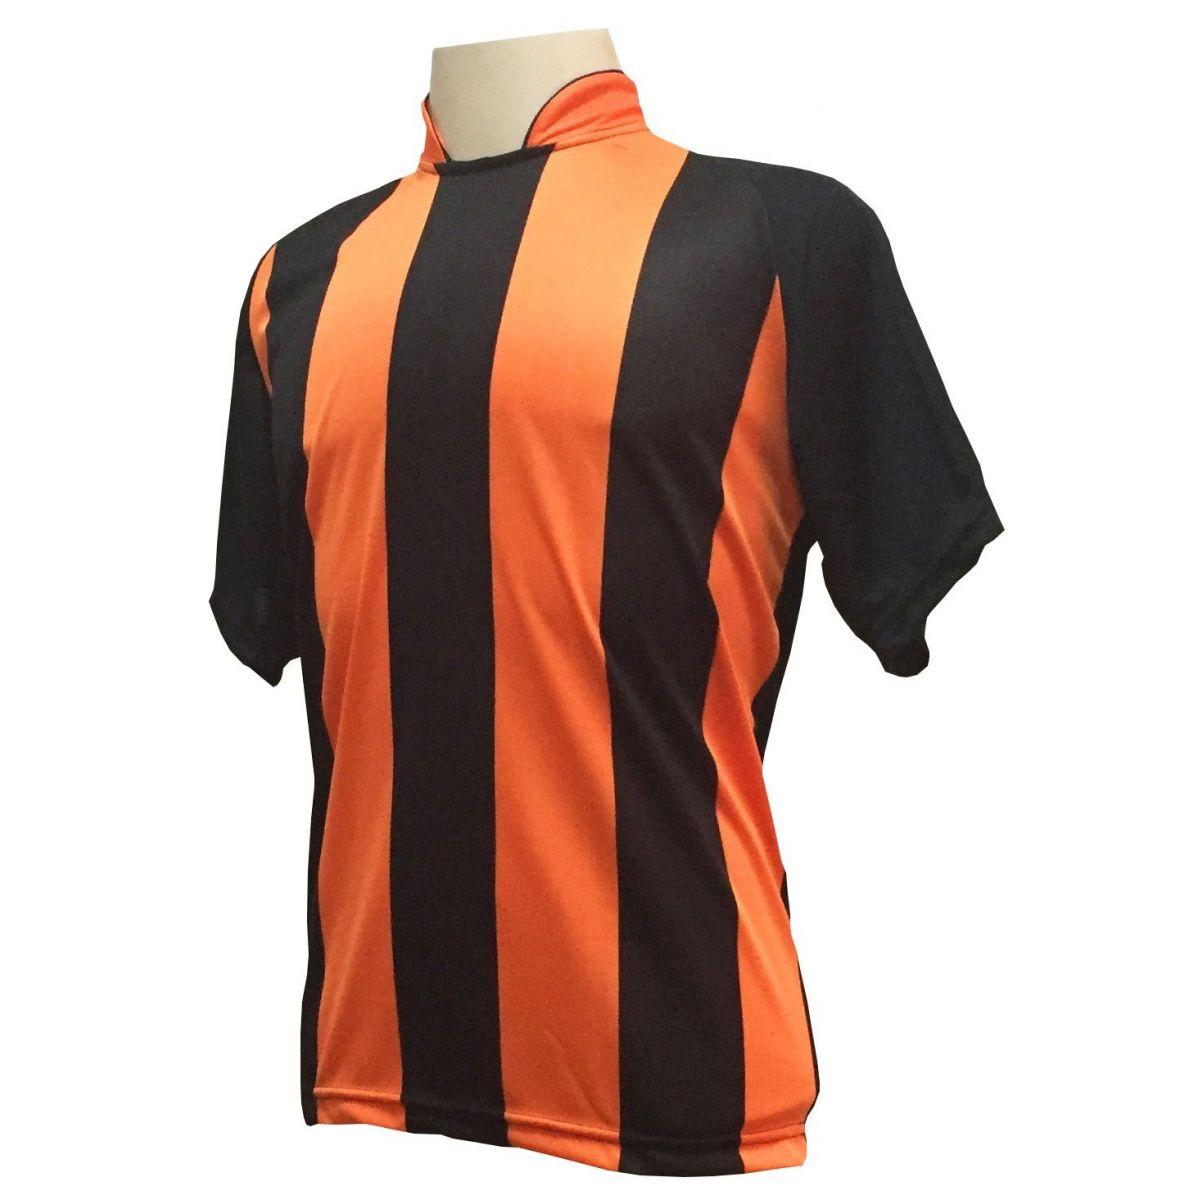 Uniforme Esportivo com 18 Camisas modelo Milan Preto/Laranja + 18 Calções modelo Madrid Preto   - ESTAÇÃO DO ESPORTE